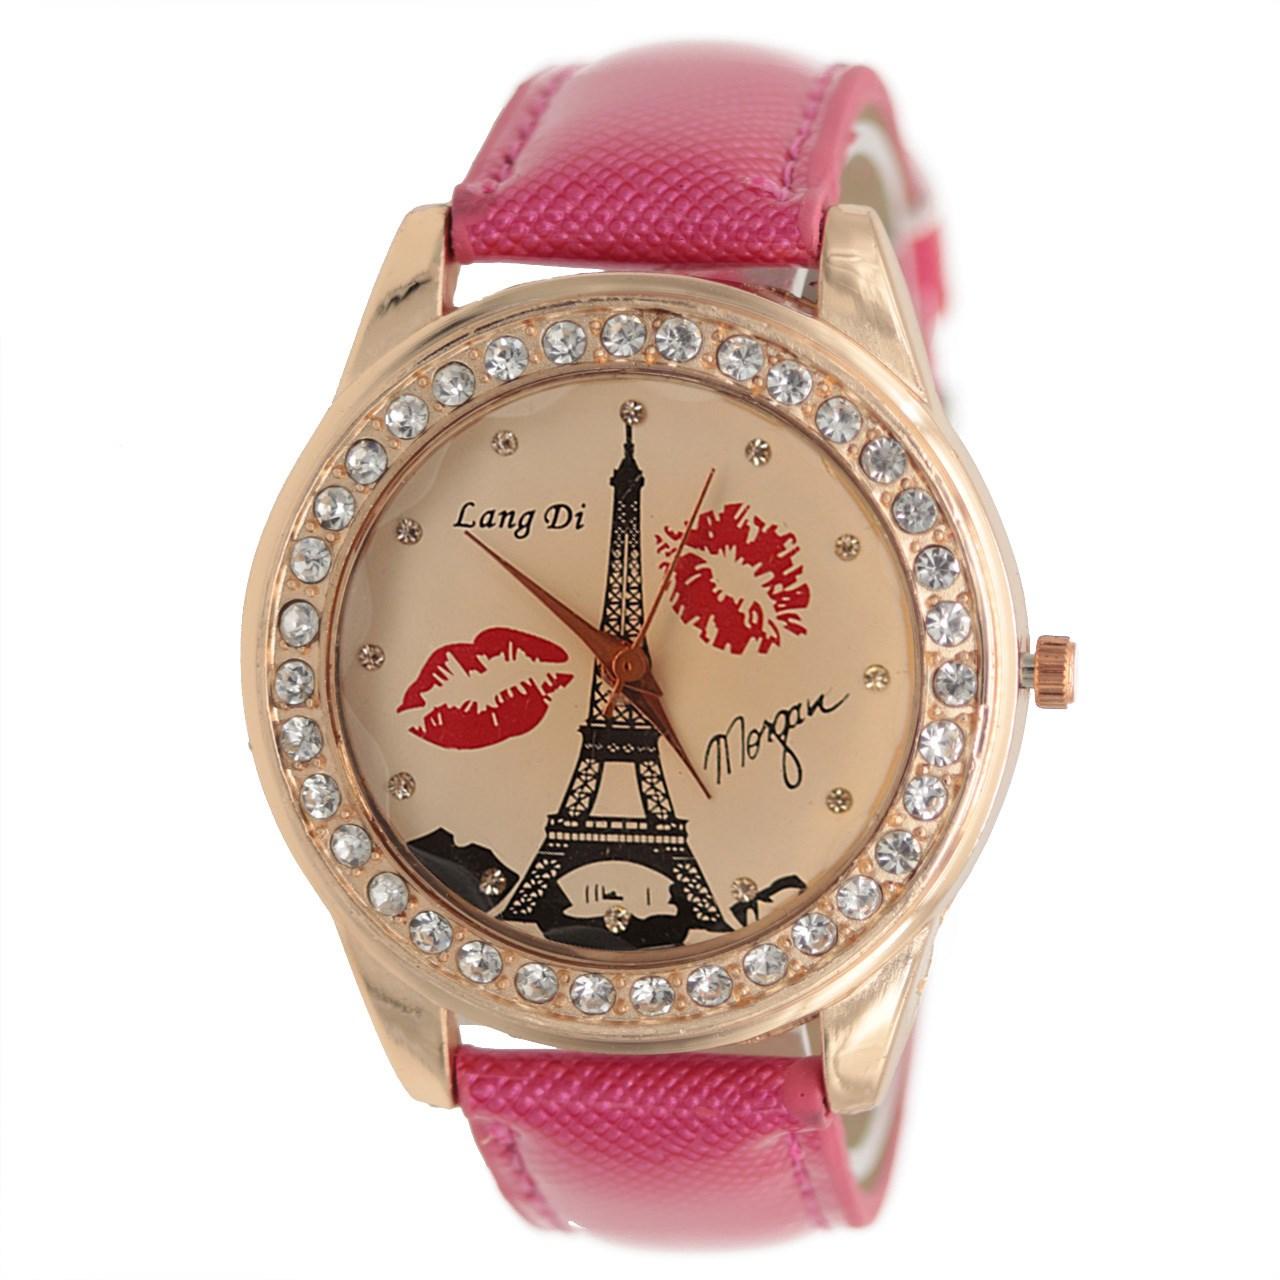 ساعت مچی عقربه ای زنانه لانگ دی  مدل LD1148